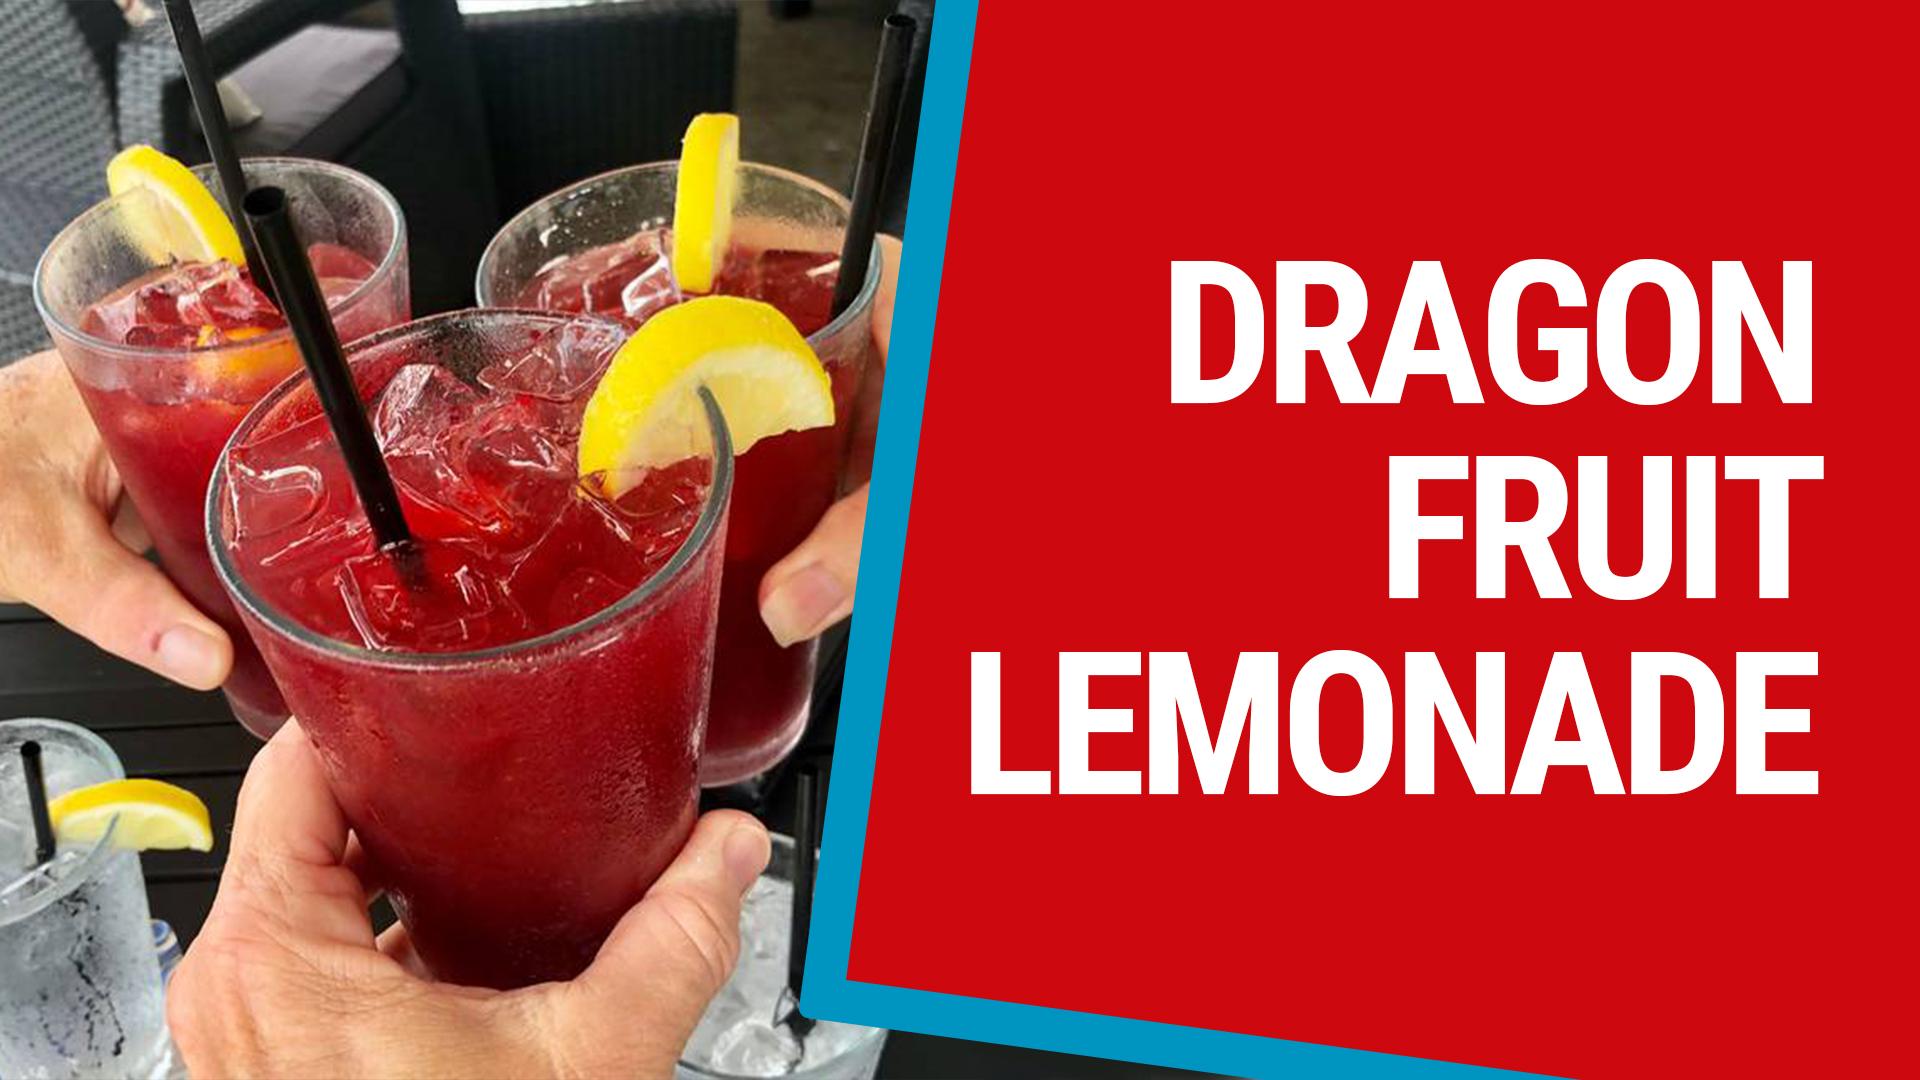 Dragonfruit Lemonade